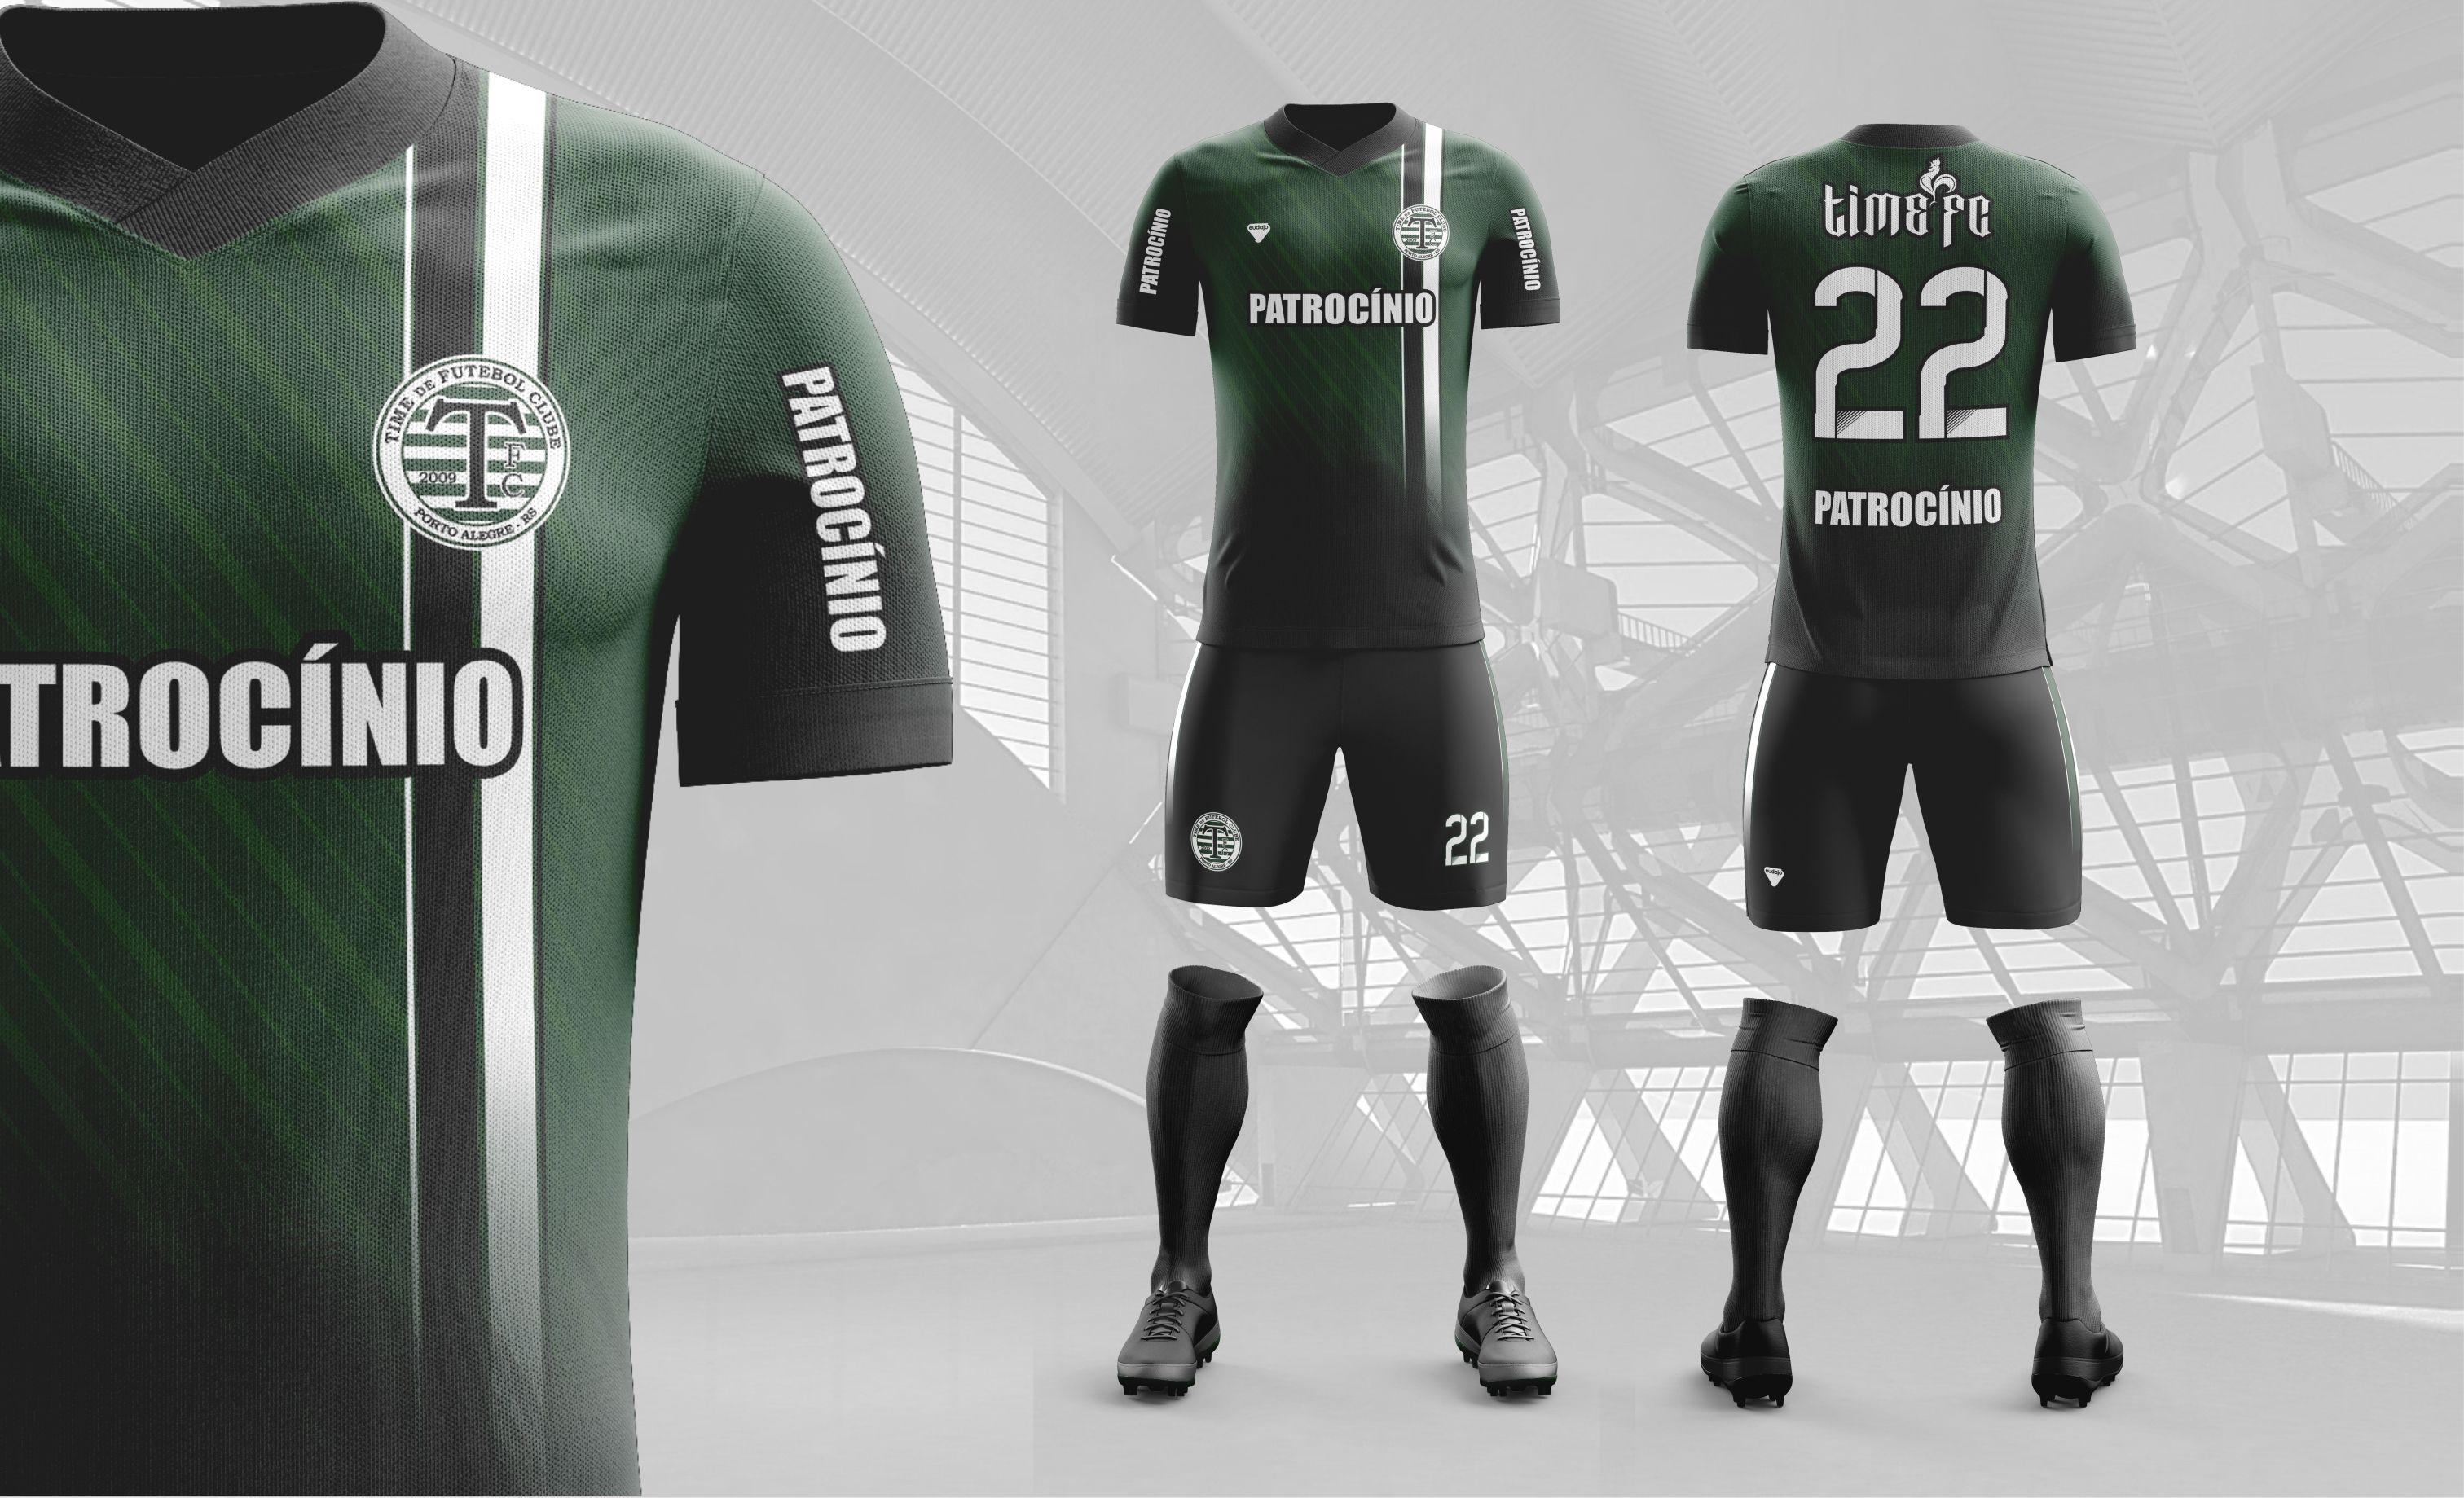 a254cdd50f5e2 Modelo criado para o time de futebol amador TIme de Futebol Clube de Porto  Alegre RS-Brasil.